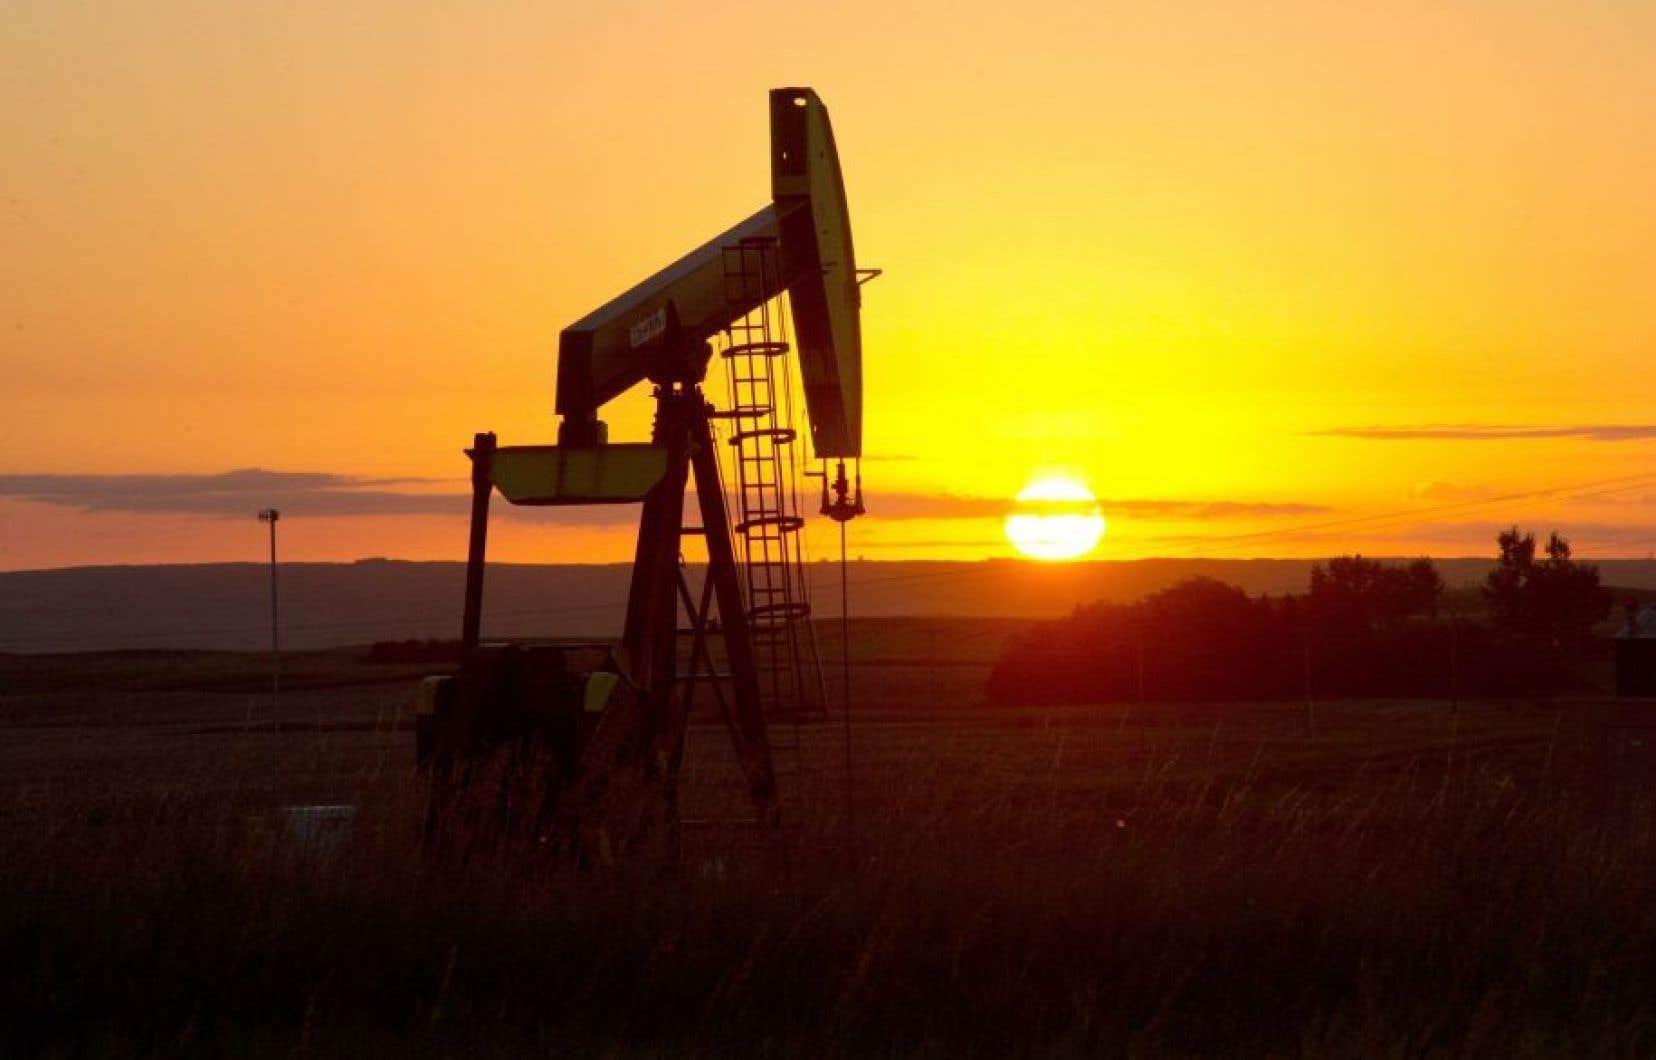 <p>Le document souligne ainsi que le gouvernement offredifférentesformes de soutien financier à l'industrie des énergies fossiles, dont divers crédits d'impôts, des réductions de redevances et des aides pour les projets d'exploration et d'exploitation.</p>